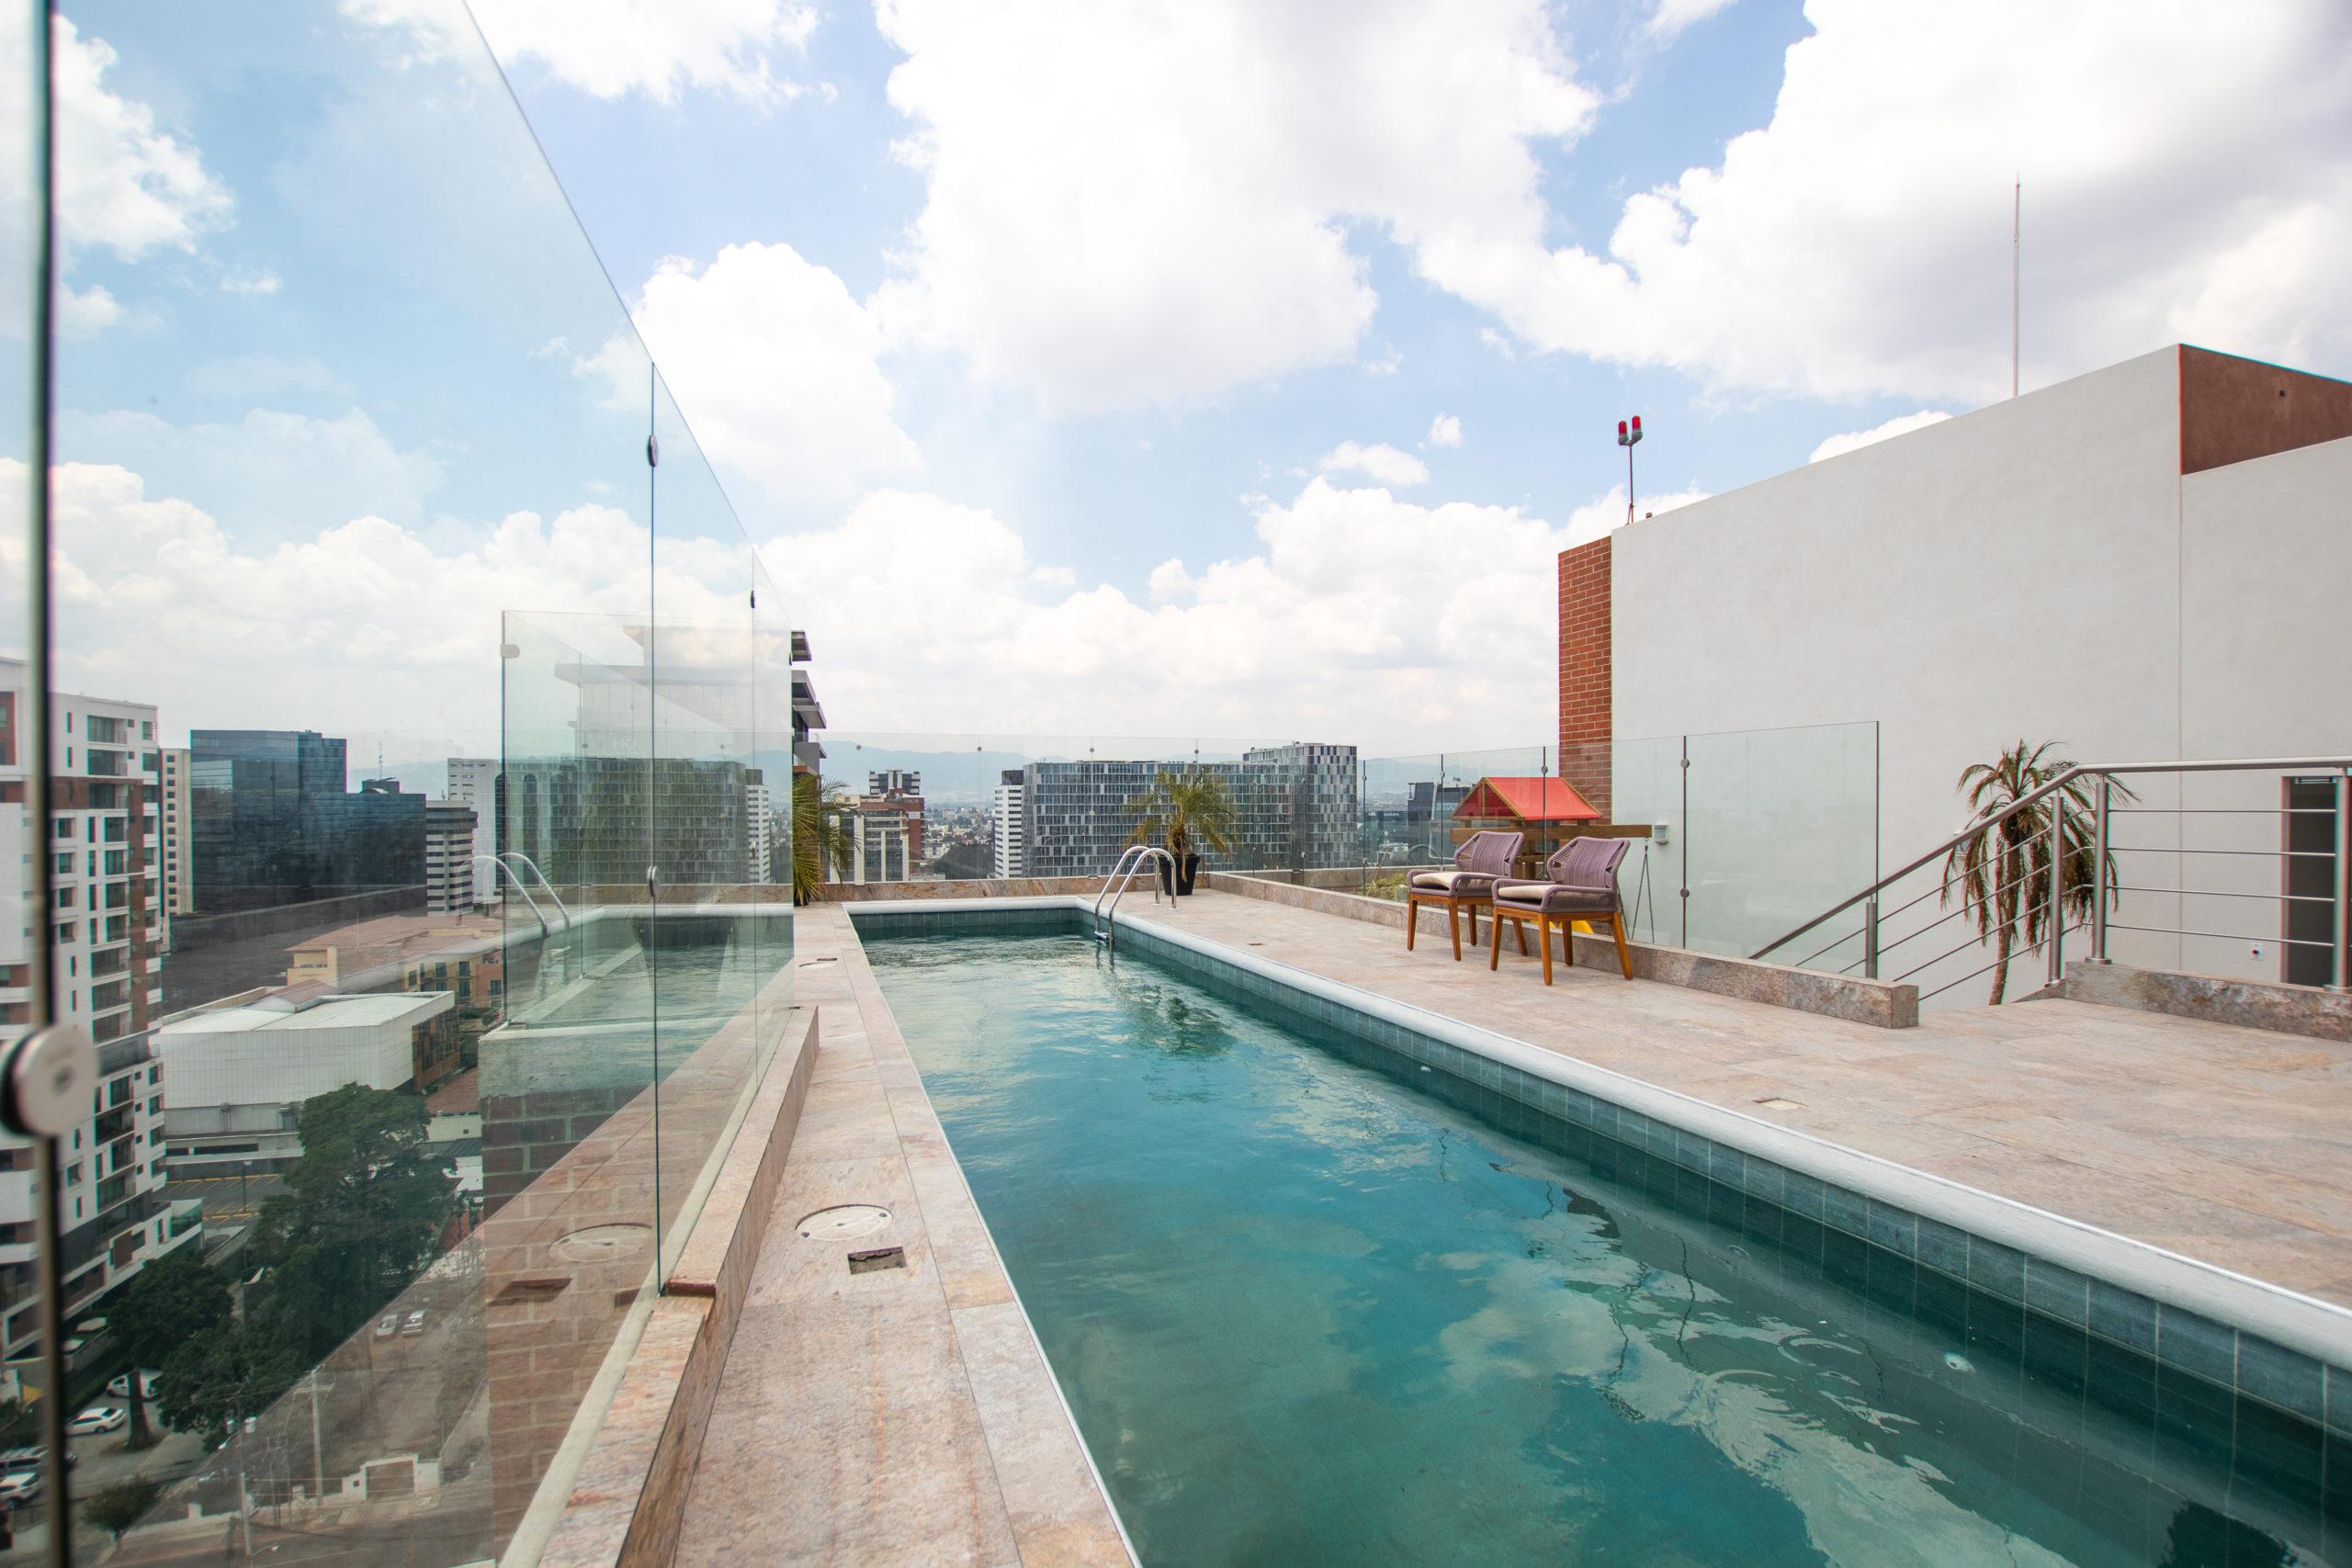 Exclusivos apartamentos de 2 o 3 habitaciones en el corazón de la zona 10 Guatemala